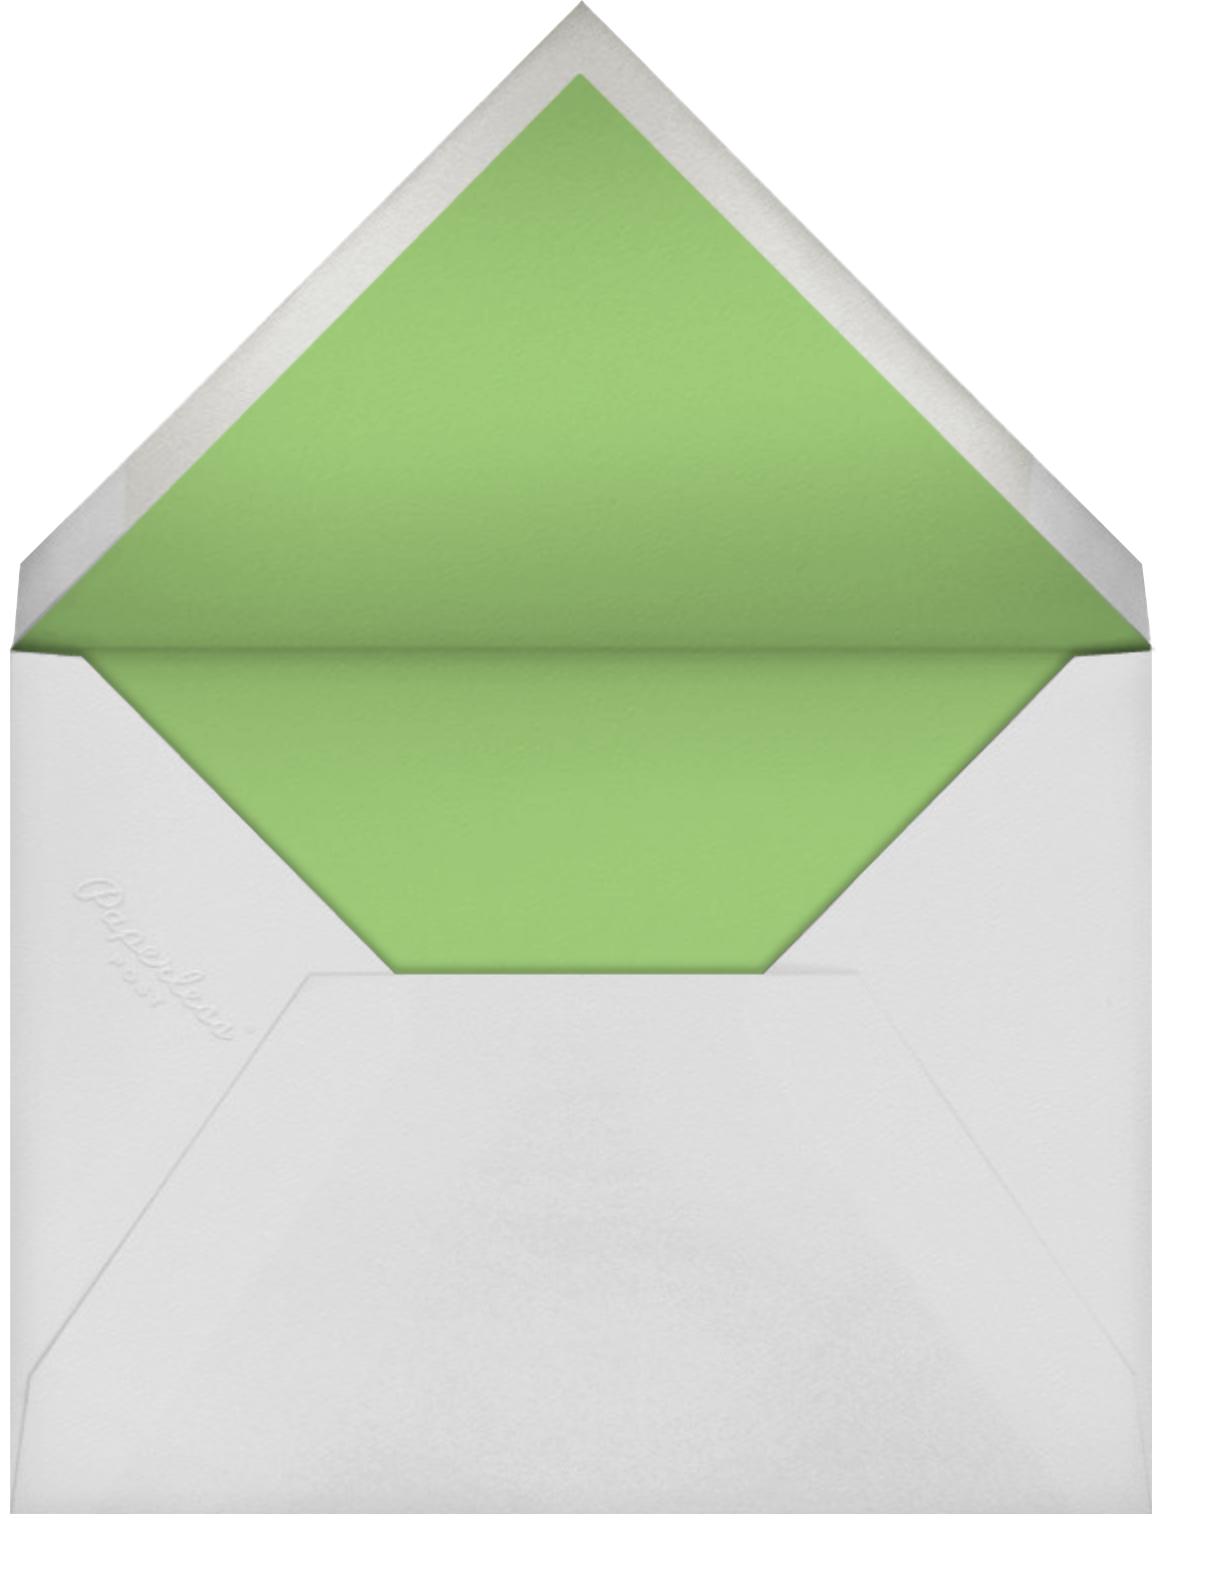 Mascarene (Invitation) - Green - Crane & Co. - All - envelope back